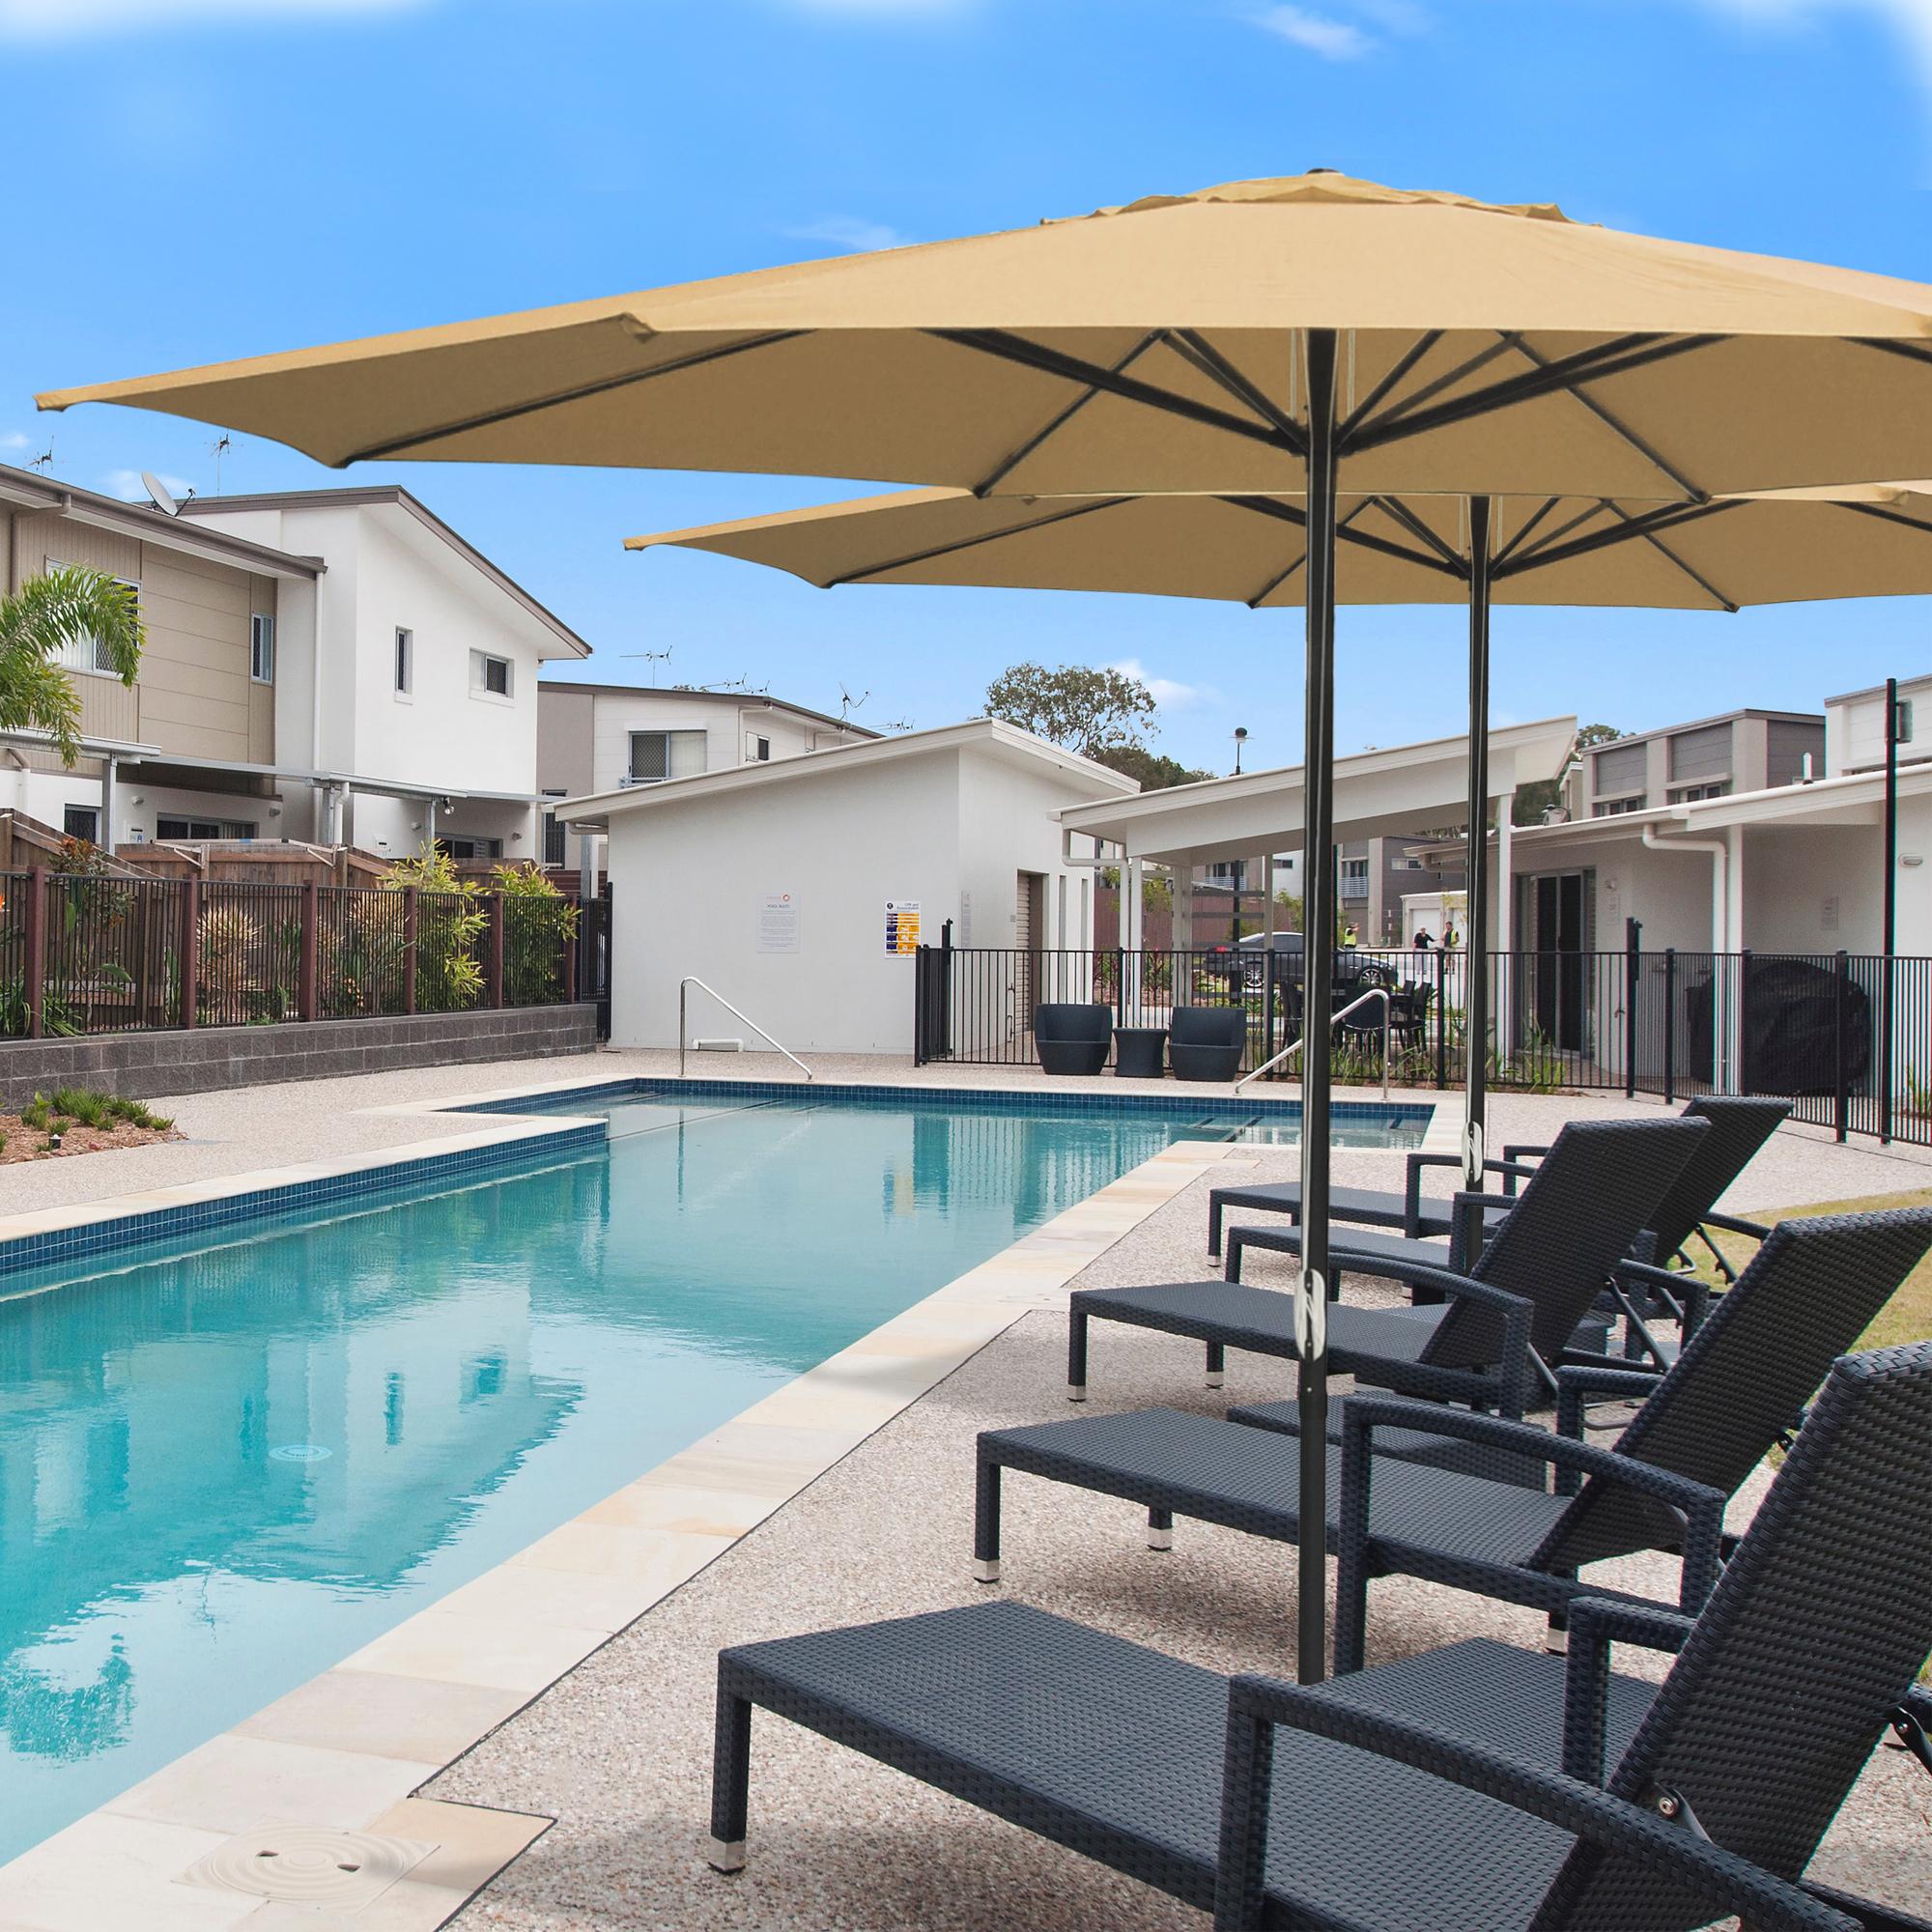 thumbnail 61 - 13' FT Sun Shade Patio Aluminum Umbrella UV30+ Outdoor Market Garden Beach Deck